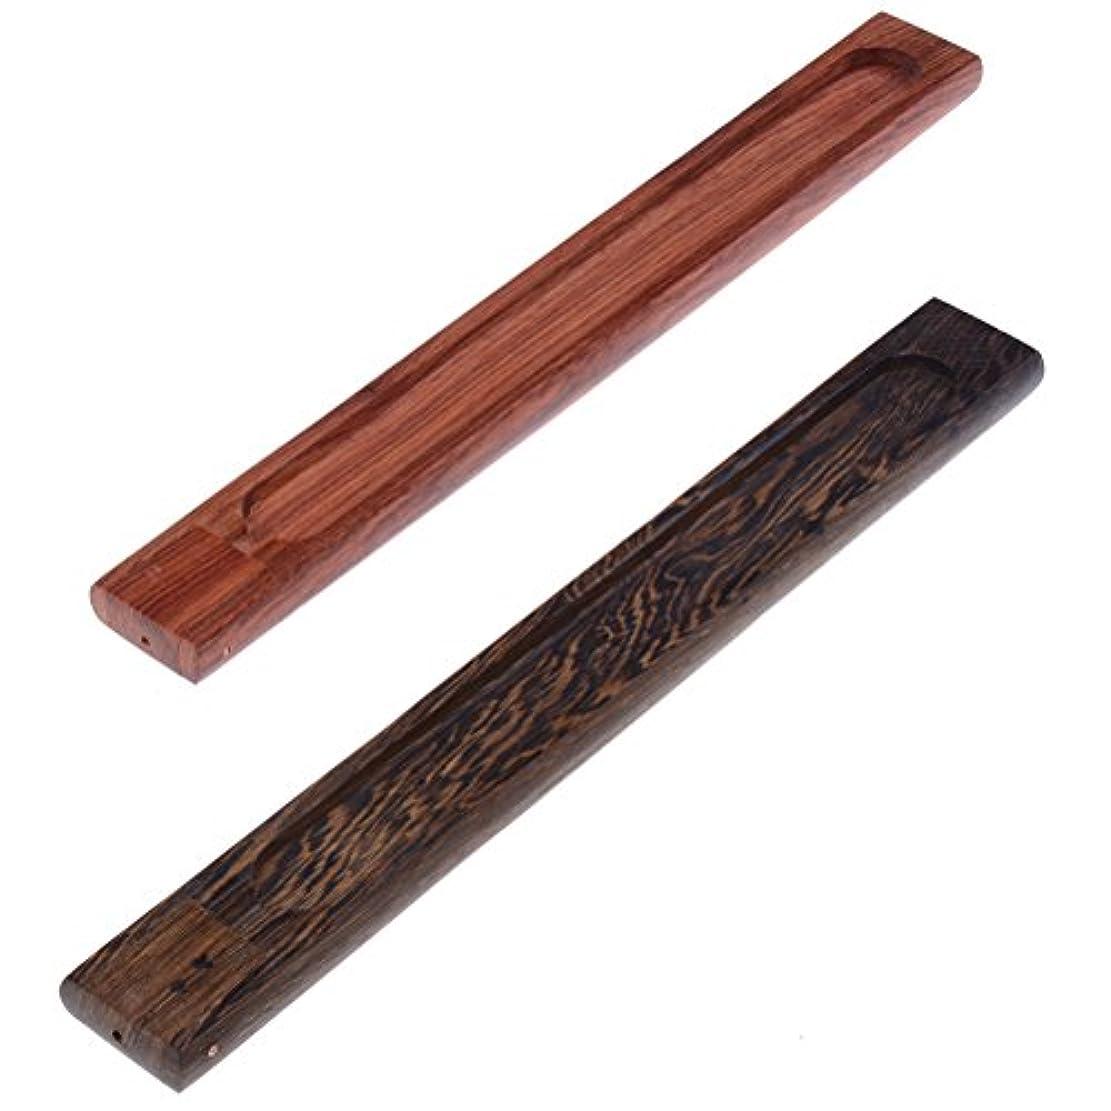 ラビリンス君主yiphates 2ピース木製香炉スティックホルダーAshキャッチャー木製トレイwith Adjustable Incense Stick Holder